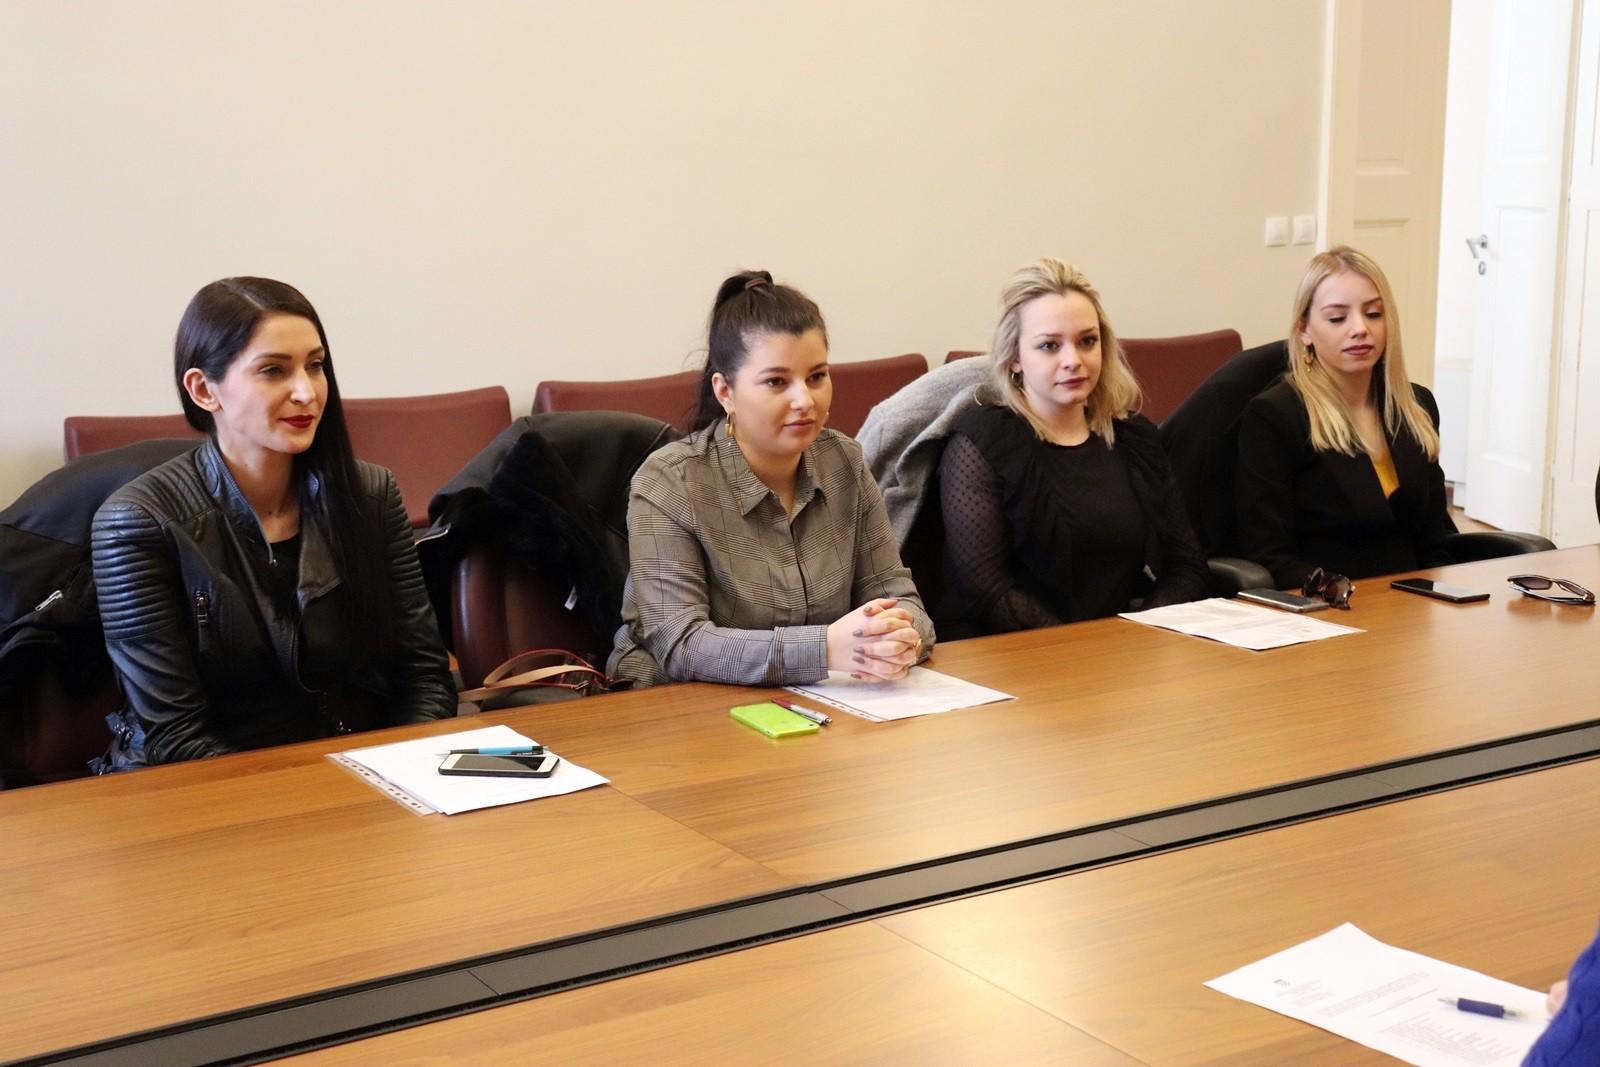 Održana konstituirajuća sjednica Savjeta mladih Grada Dubrovnika, Tea Lenz izabrana za predsjednicu